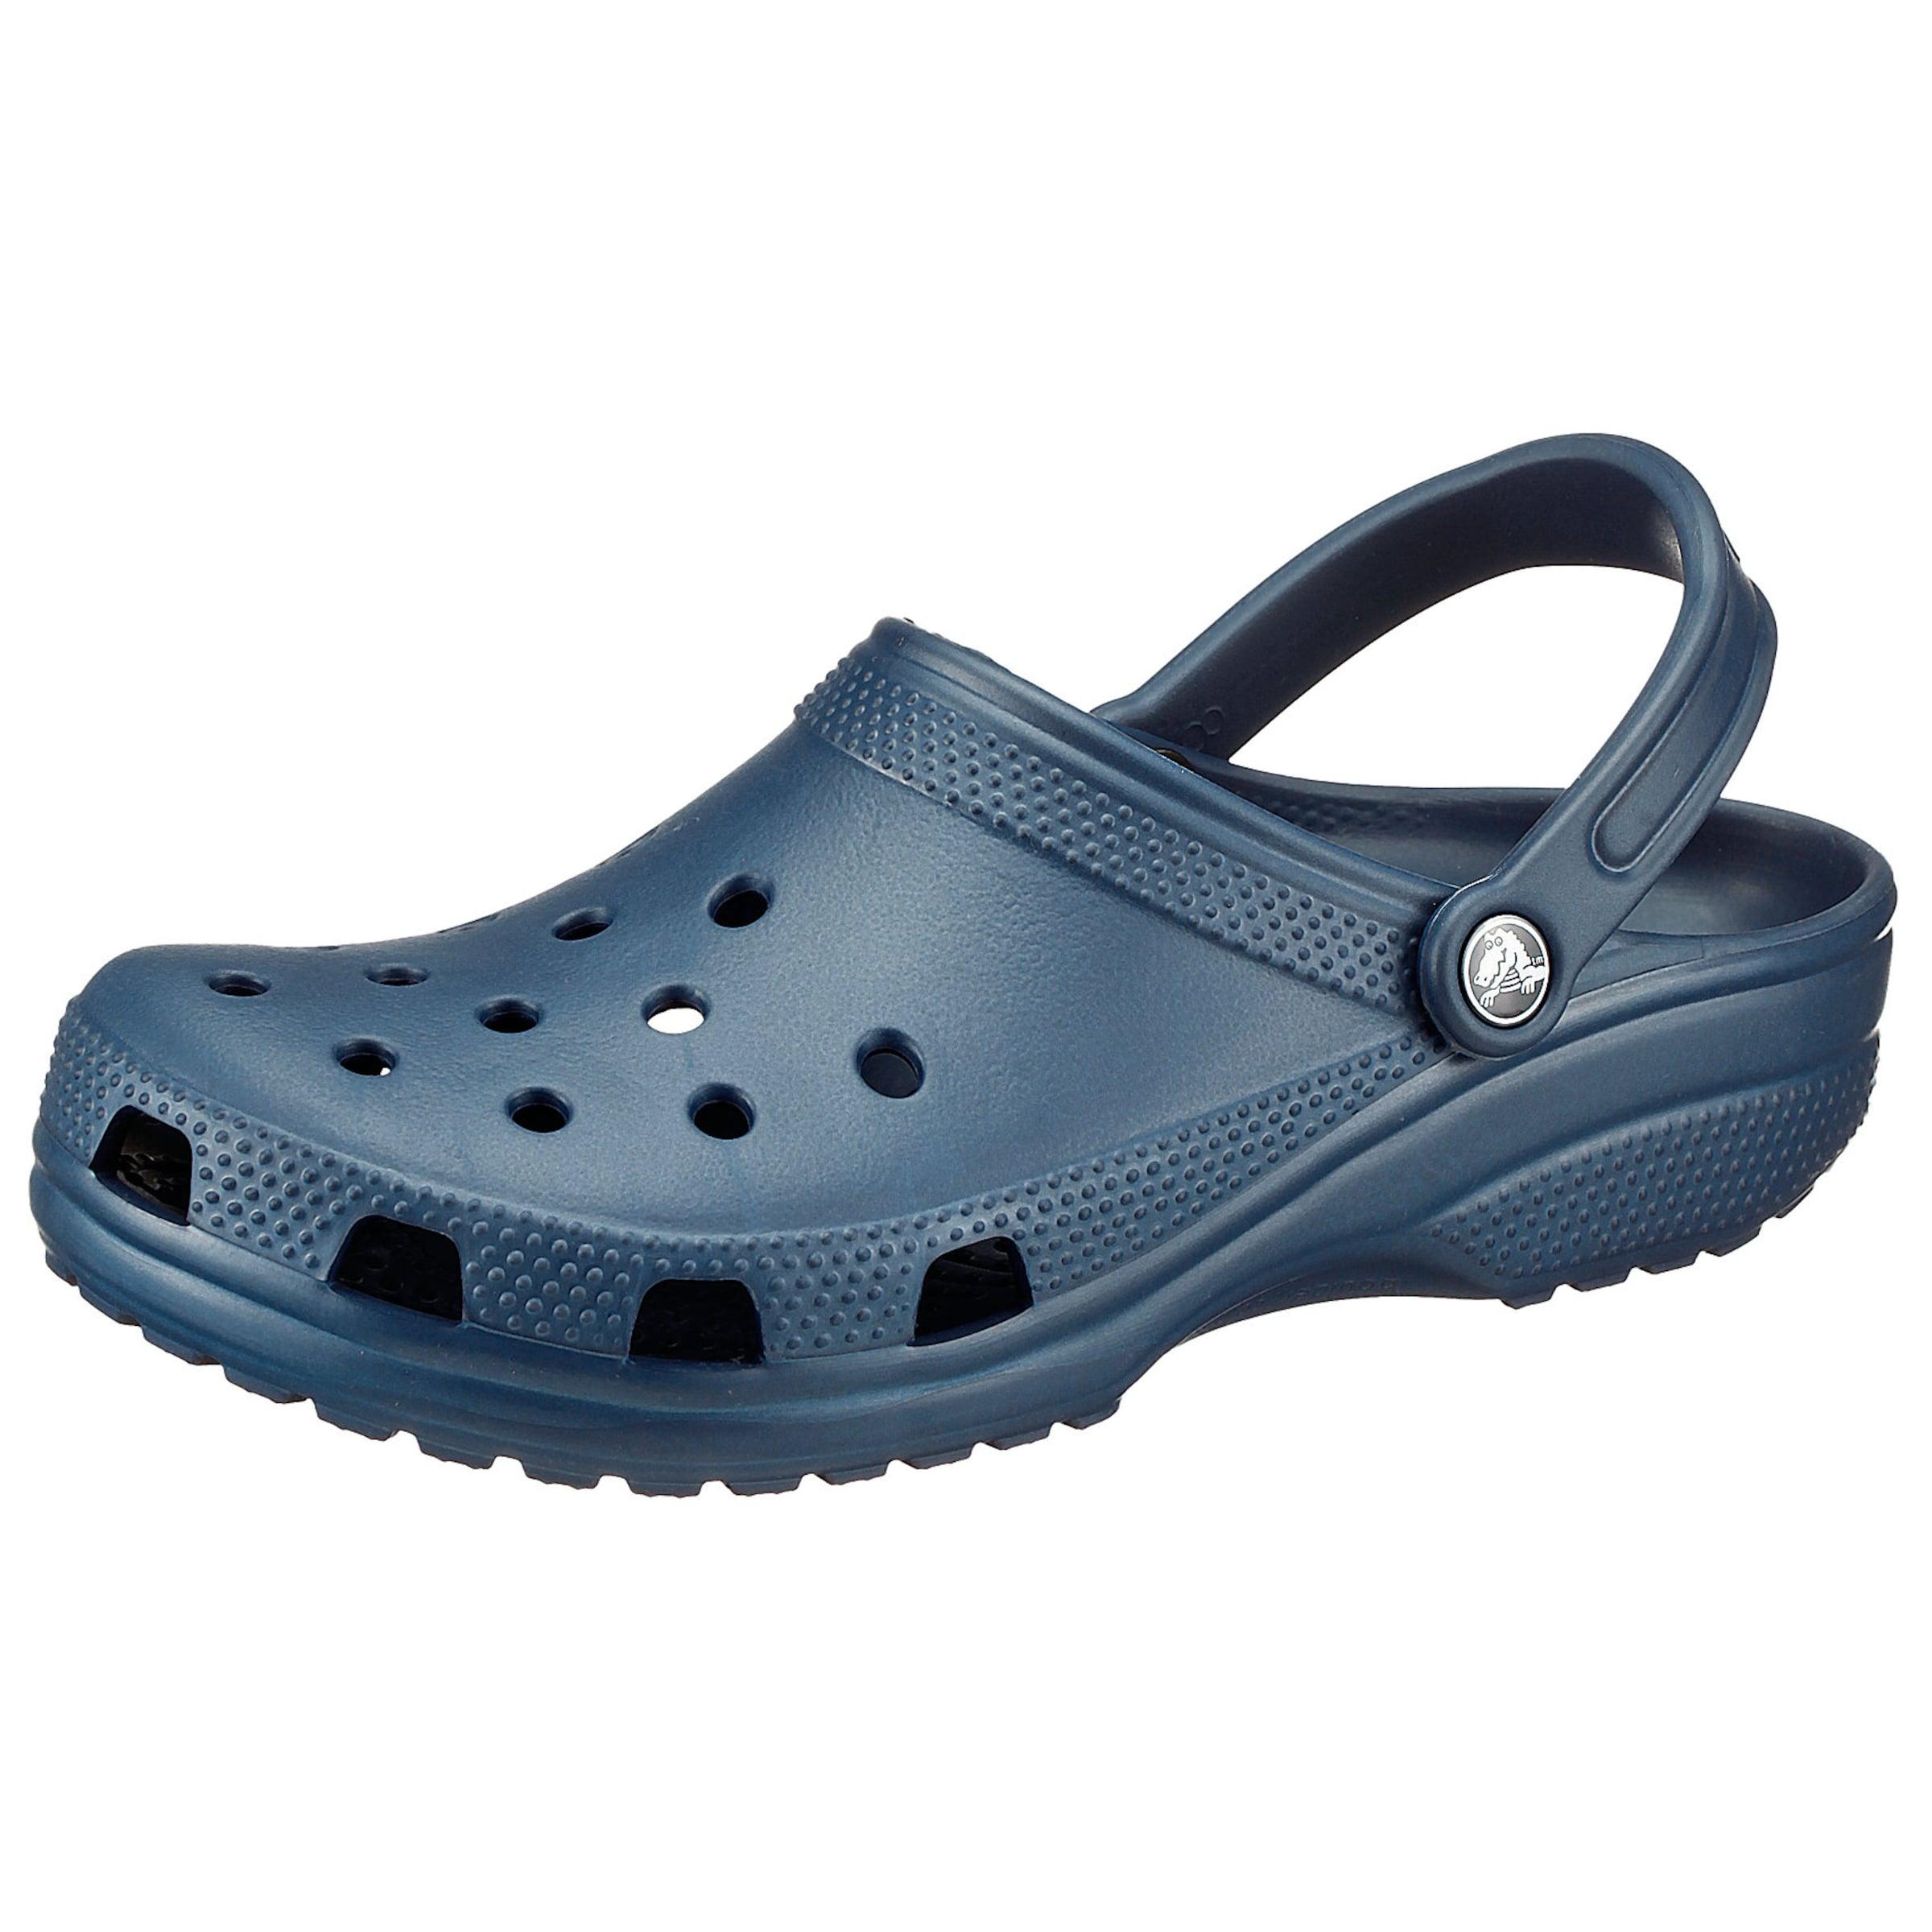 Bleu En En Bleu Crocs Bleu Sabots Sabots Sabots En Sabots Crocs En Crocs Crocs nOPkX0w8